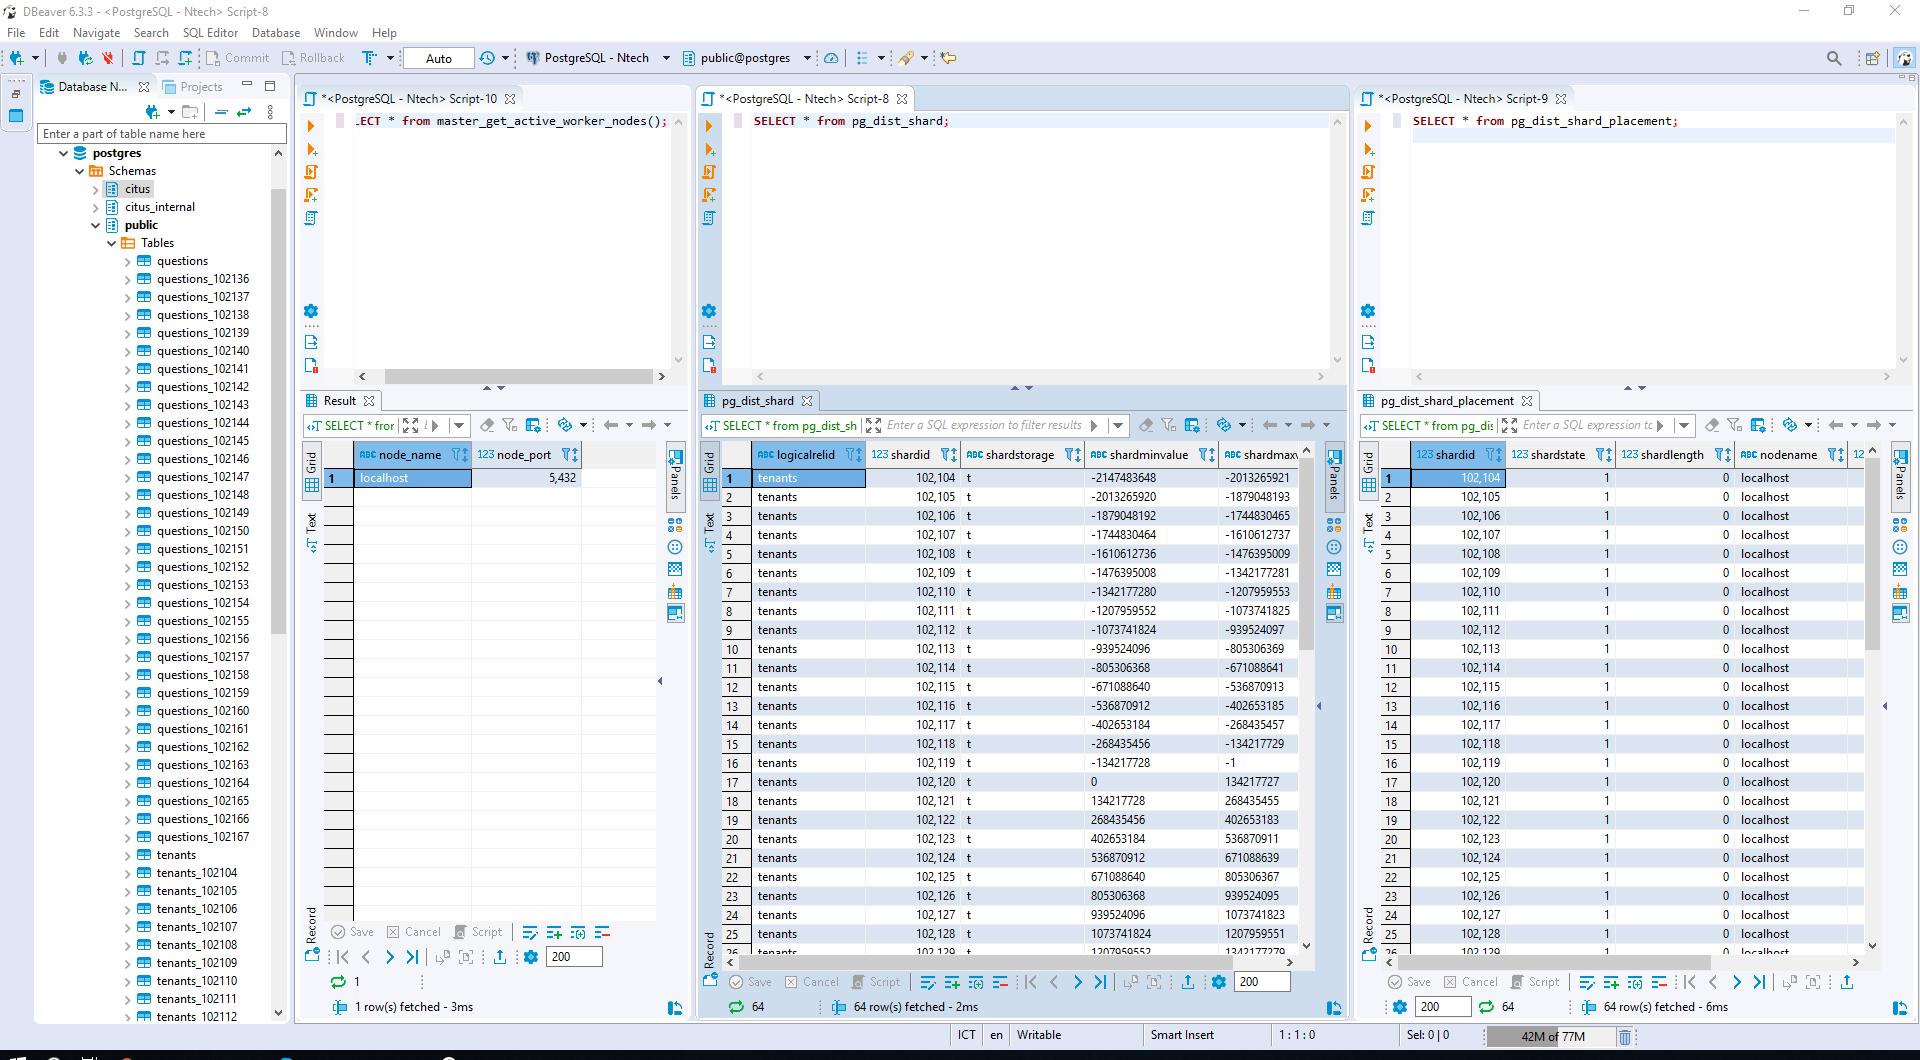 Xây dựng web app multi-tenant đơn giản với Citus data và AspNet Core